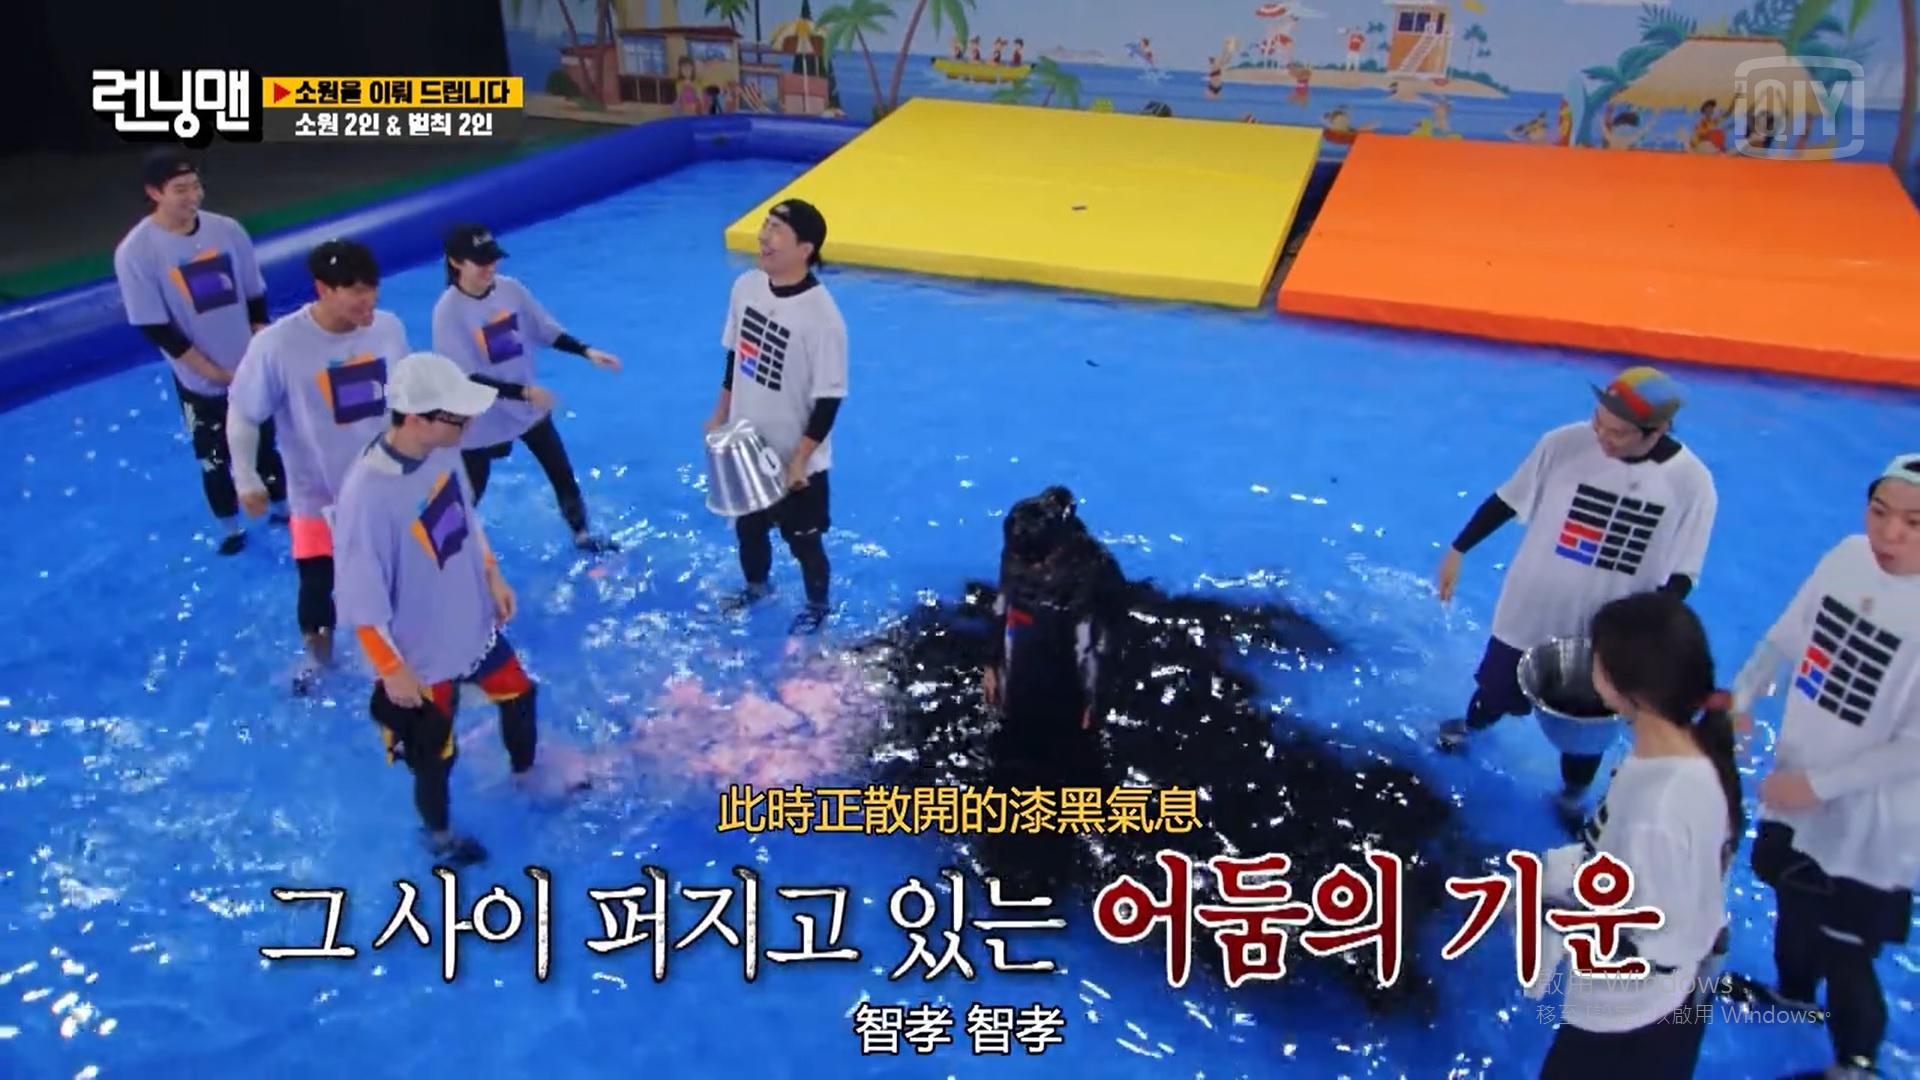 宋智孝主演的魔幻韓劇 《 #來魔女食堂吧 》推嗎?-Running Man